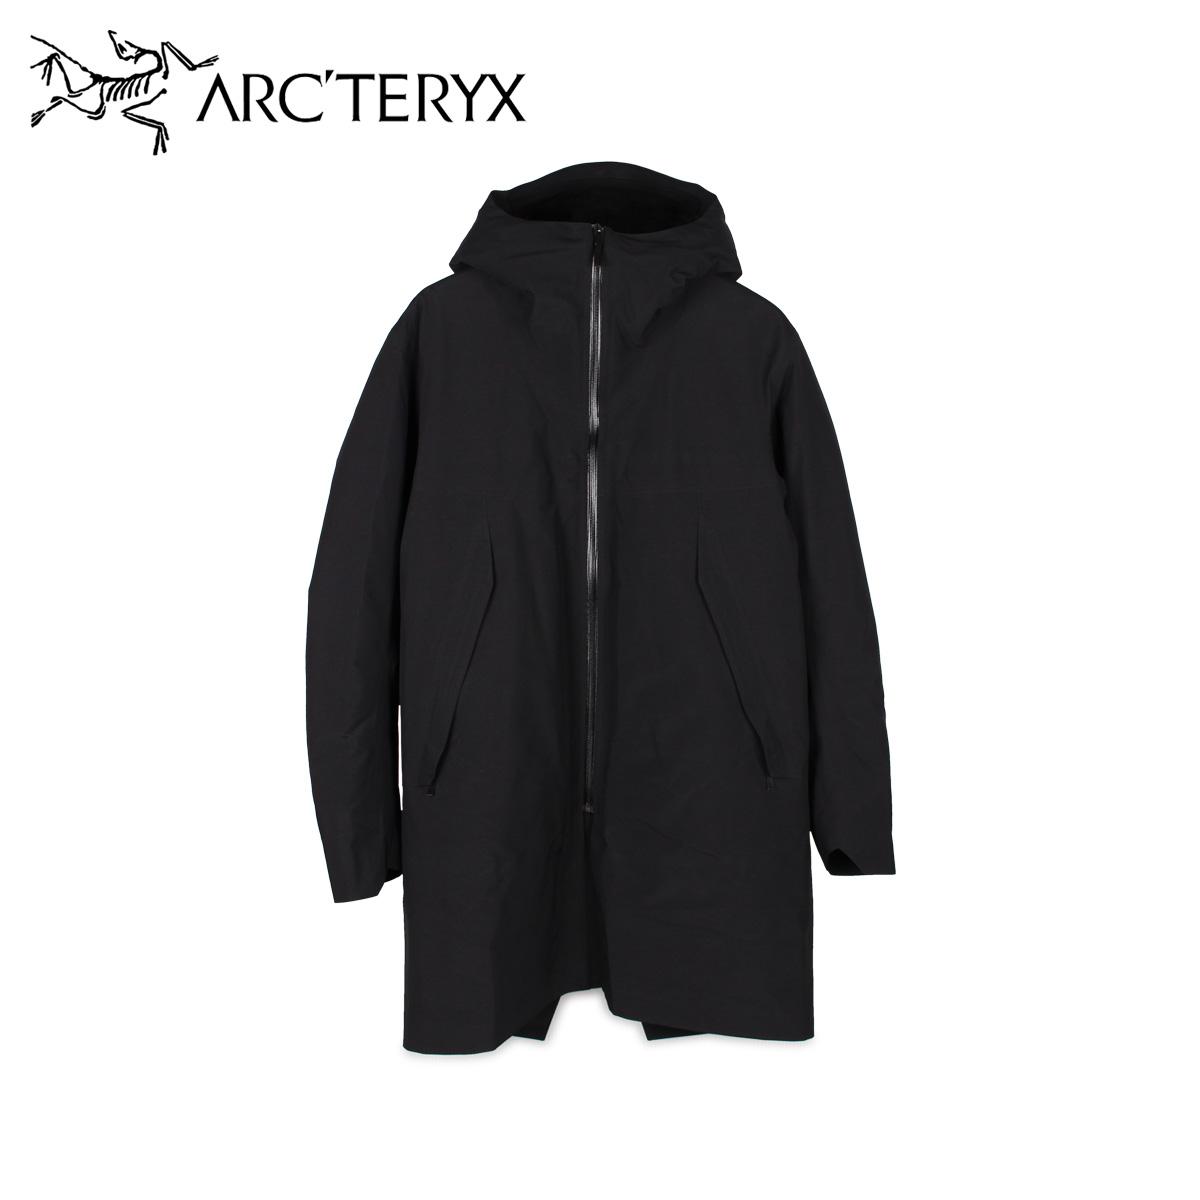 ARCTERYX アークテリクス コート ダウンコート ロング メンズ MONITOR DOWN COAT ブラック 黒 21743